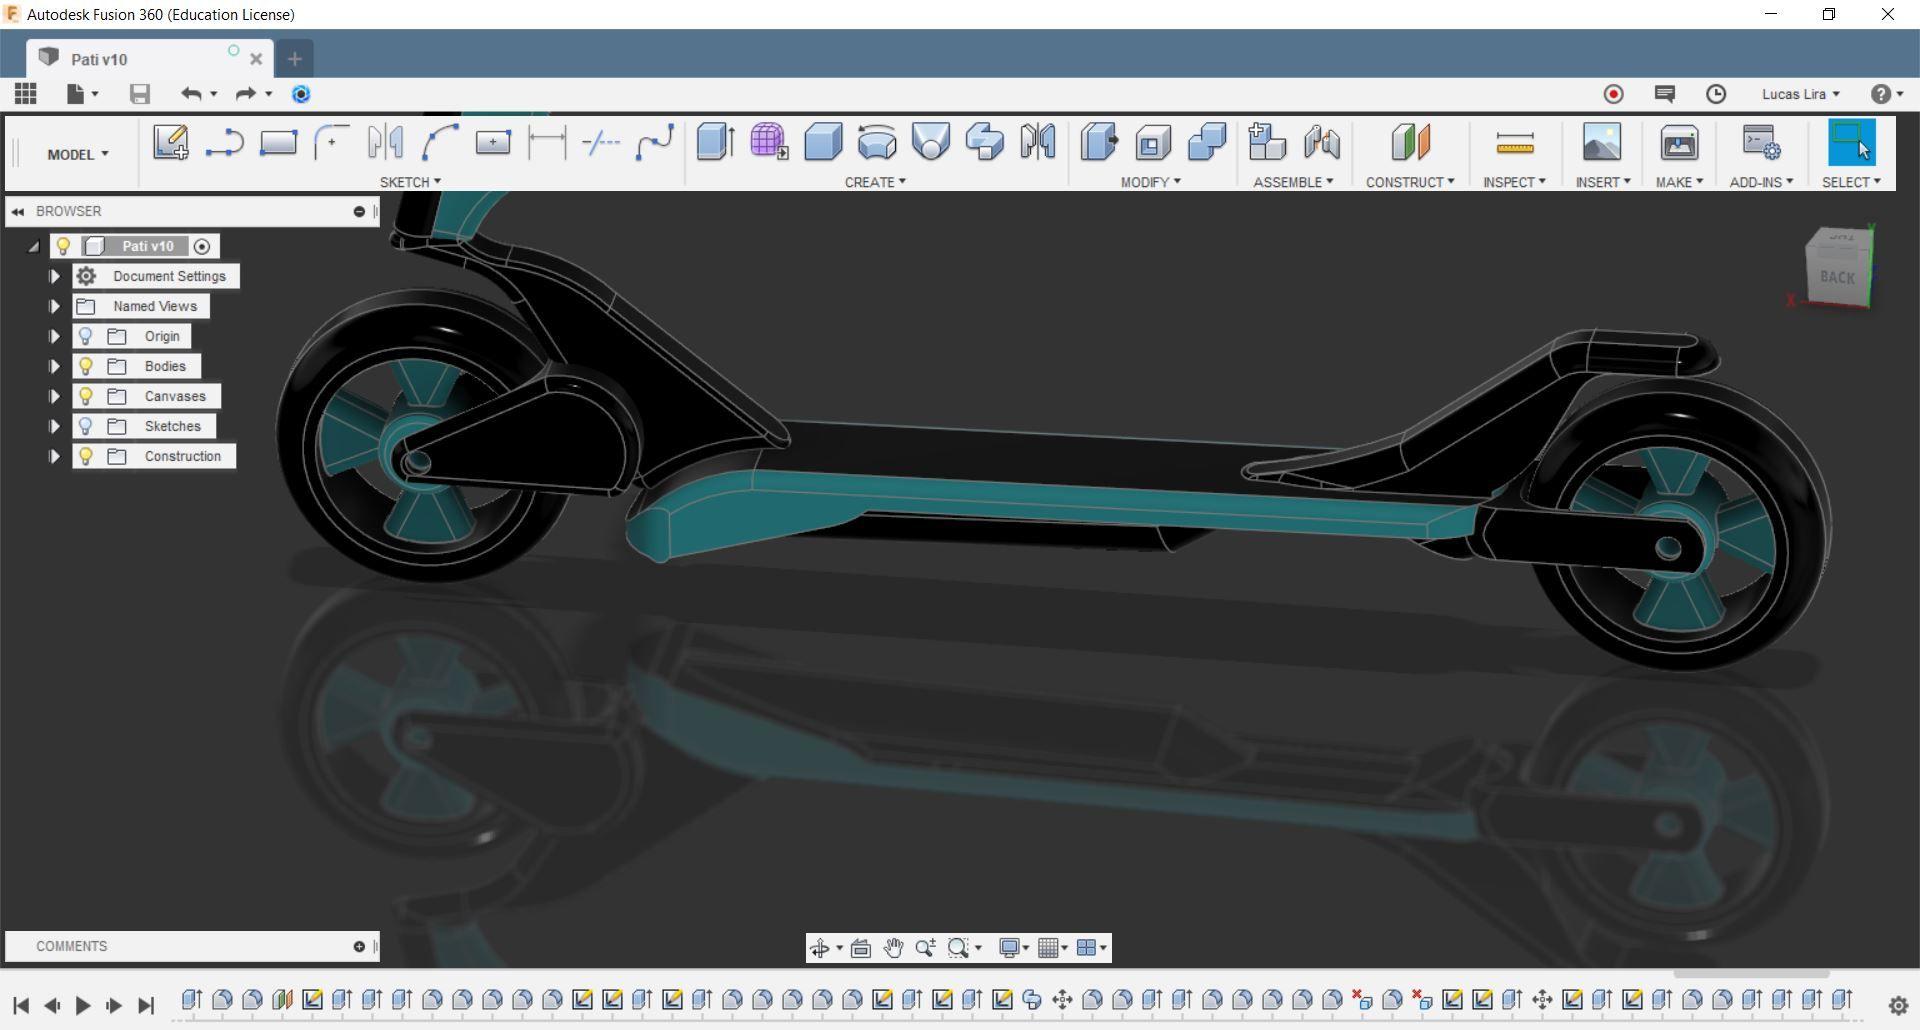 Projeto-de-design-patin-fabnerdes-04-3500-3500